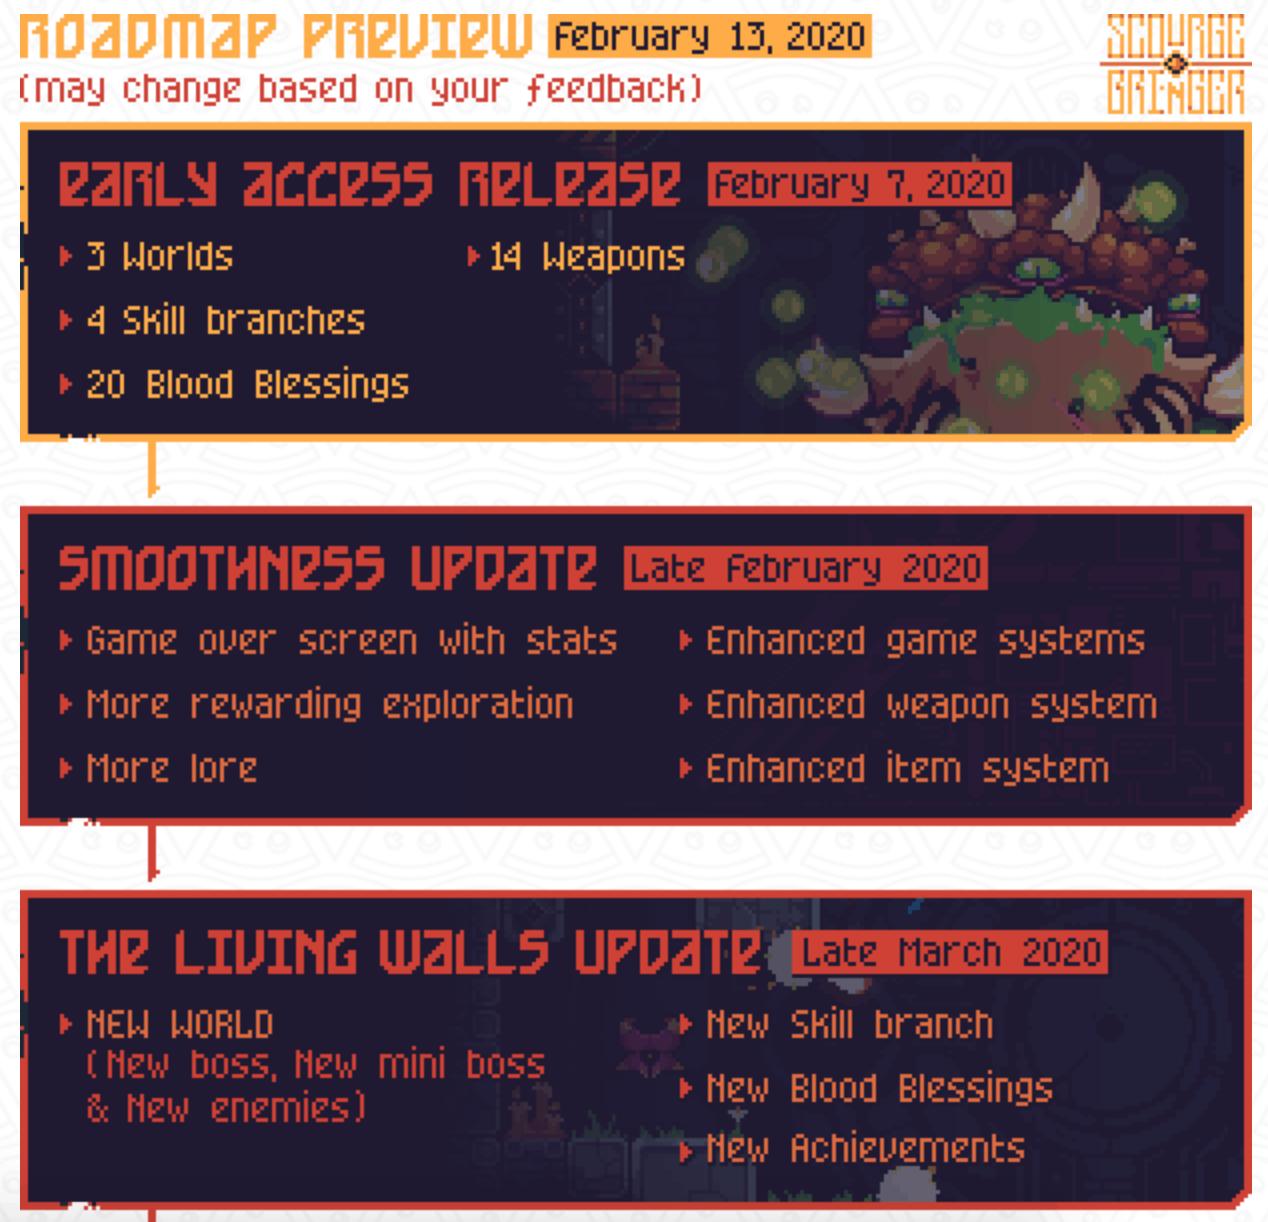 ScourgeBringer - Le planning des futures mises à jour